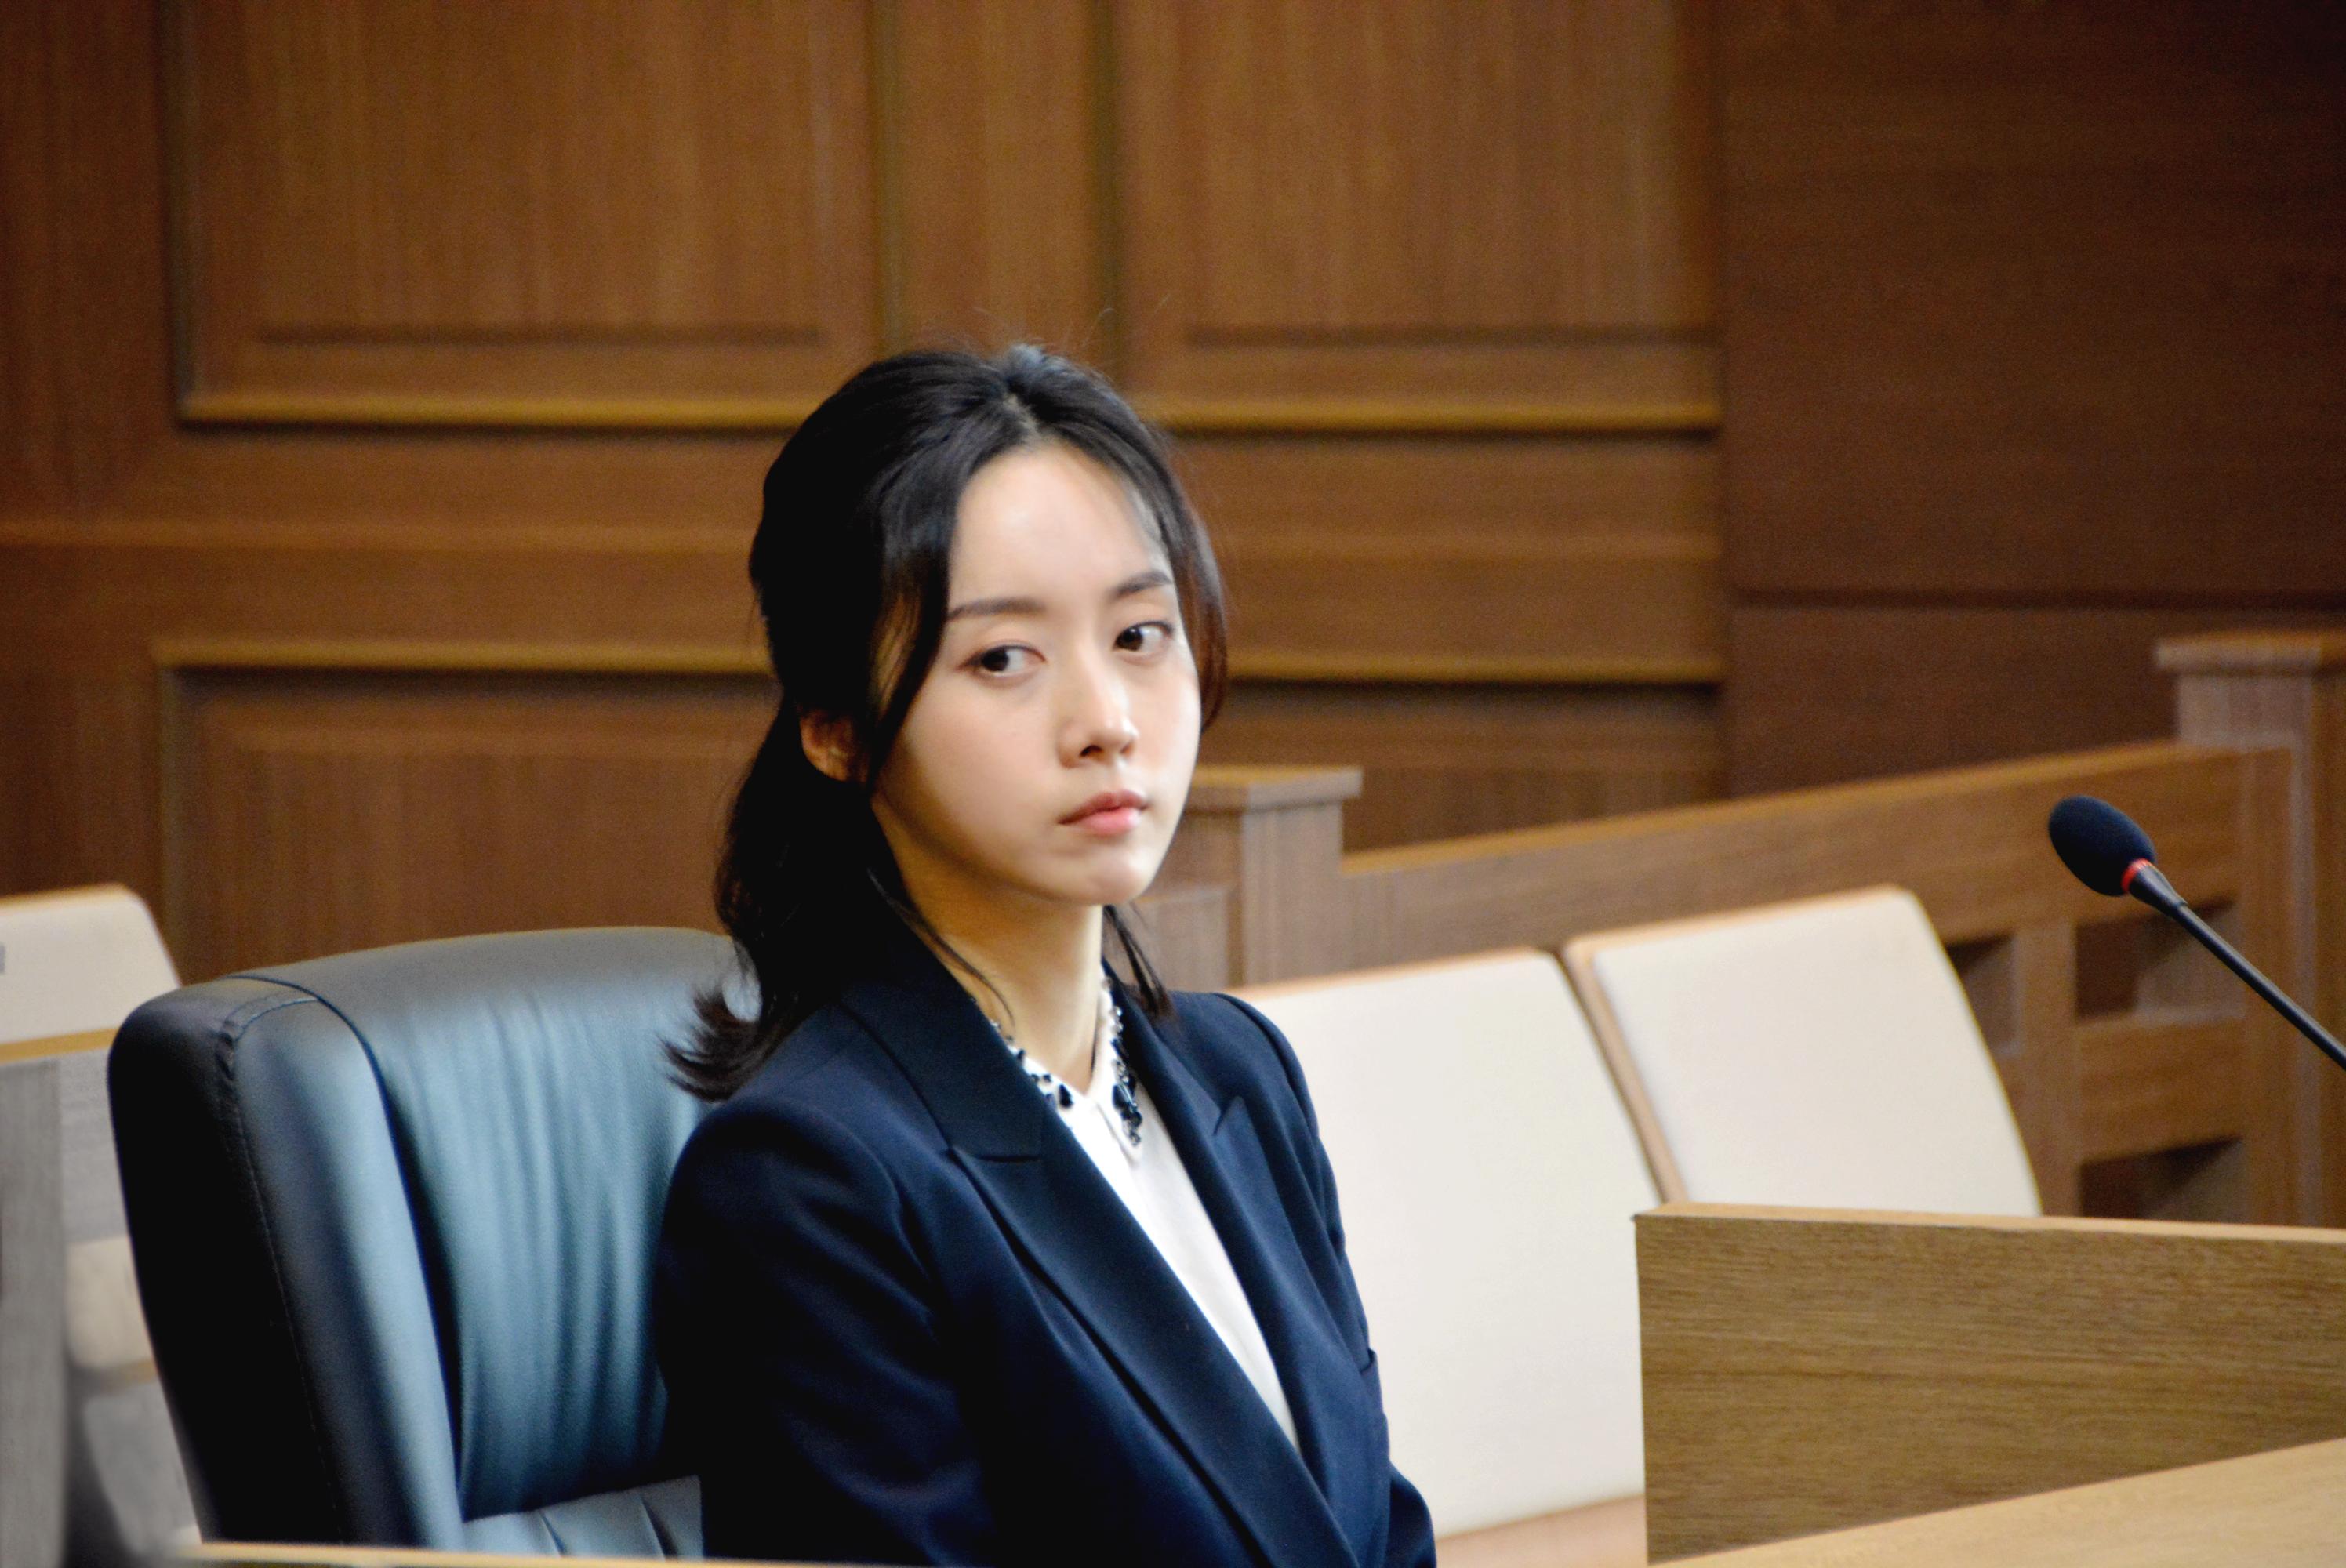 유쾌 코믹 법조 활극 jtbc'리갈하이'  '샤를 로테' 주민하 배우의 활약상 들여다보기!